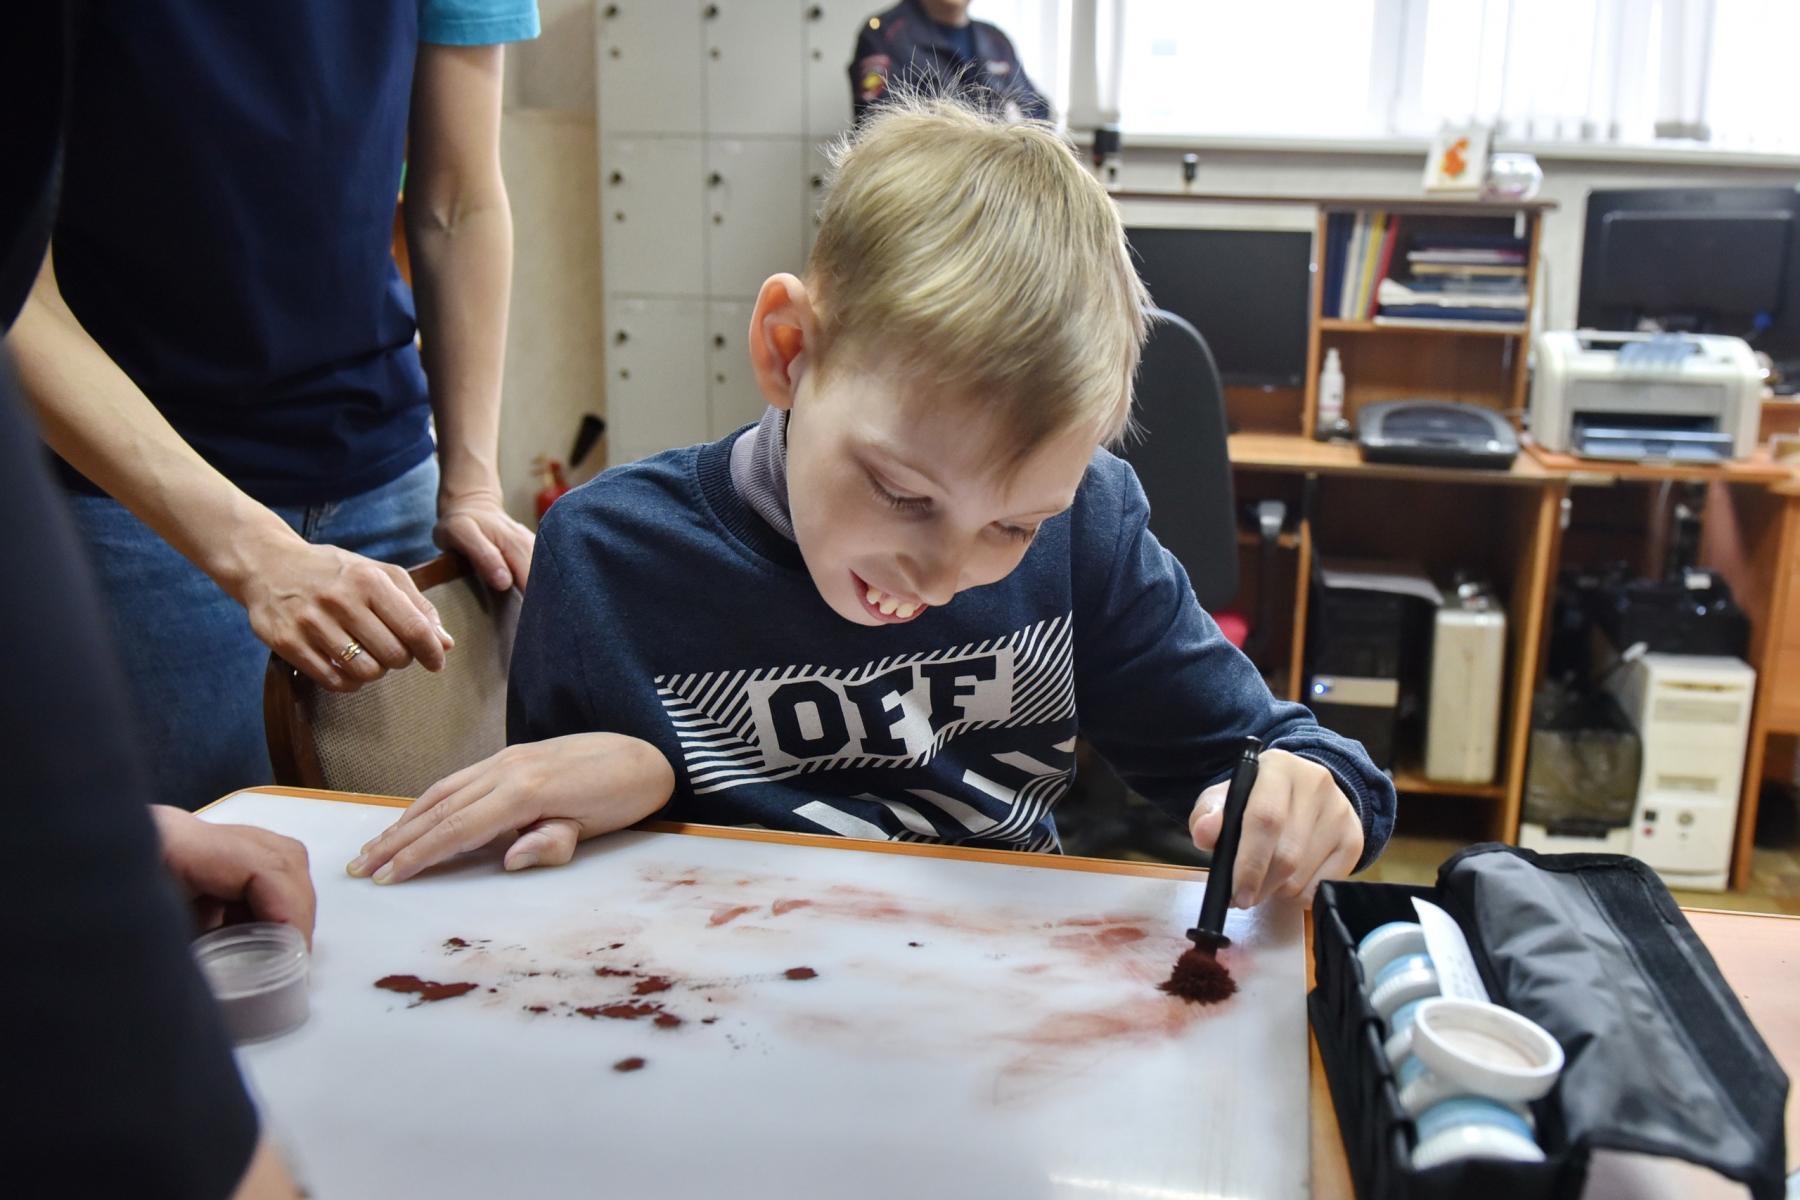 Фото Омские правоохранители провели индивидуальную экскурсию для мальчика с церебральным параличом 3